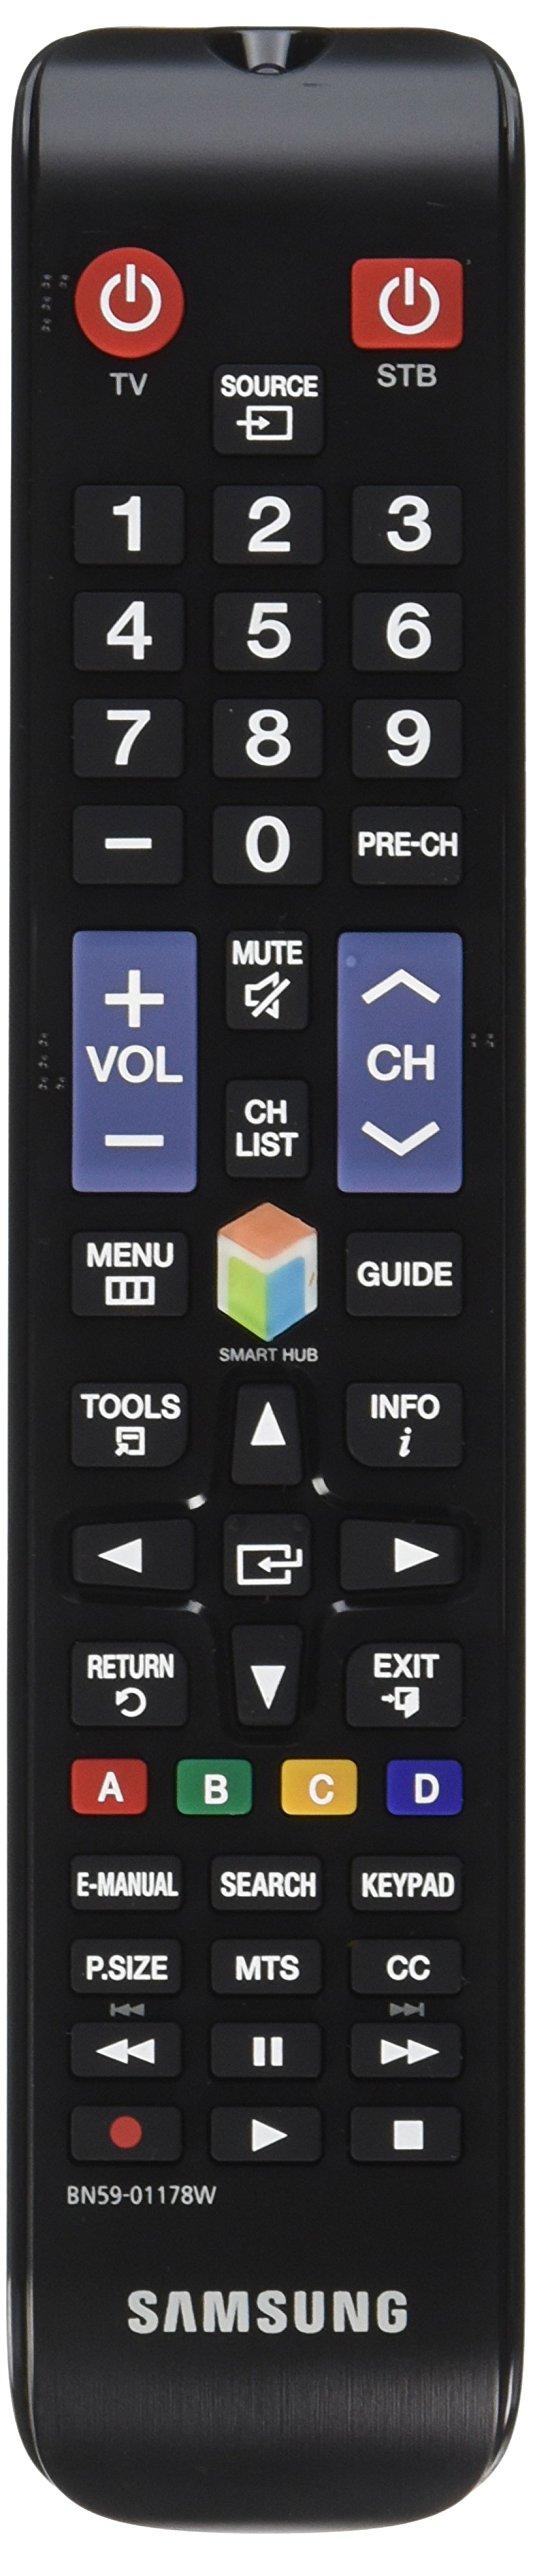 Samsung BN59-01178W Remote Control by Samsung